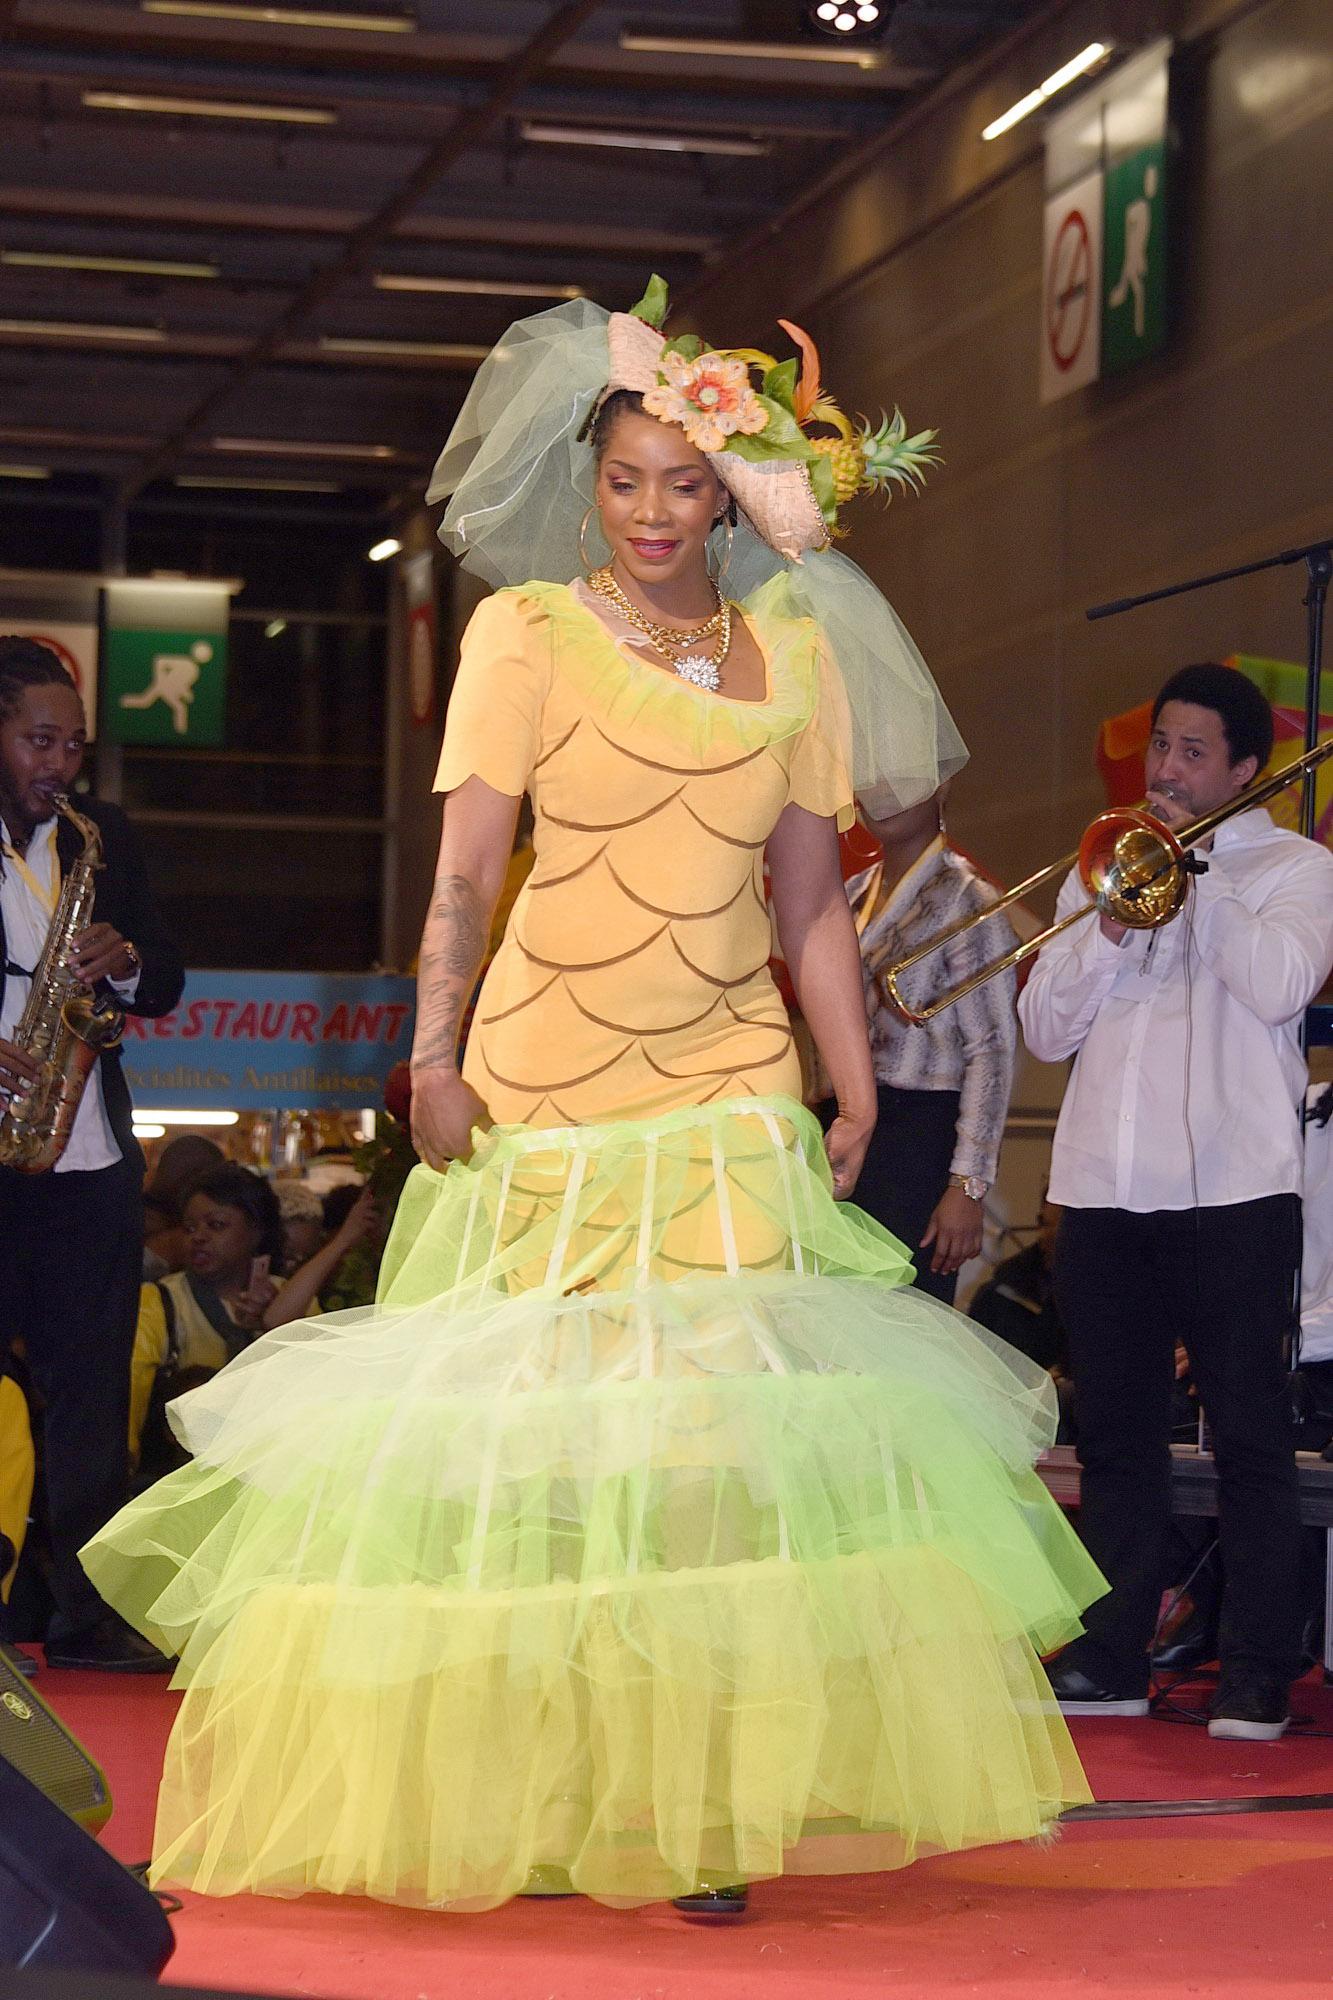 Défilé de mode sur le thème des fruits et légumes. Ananas.